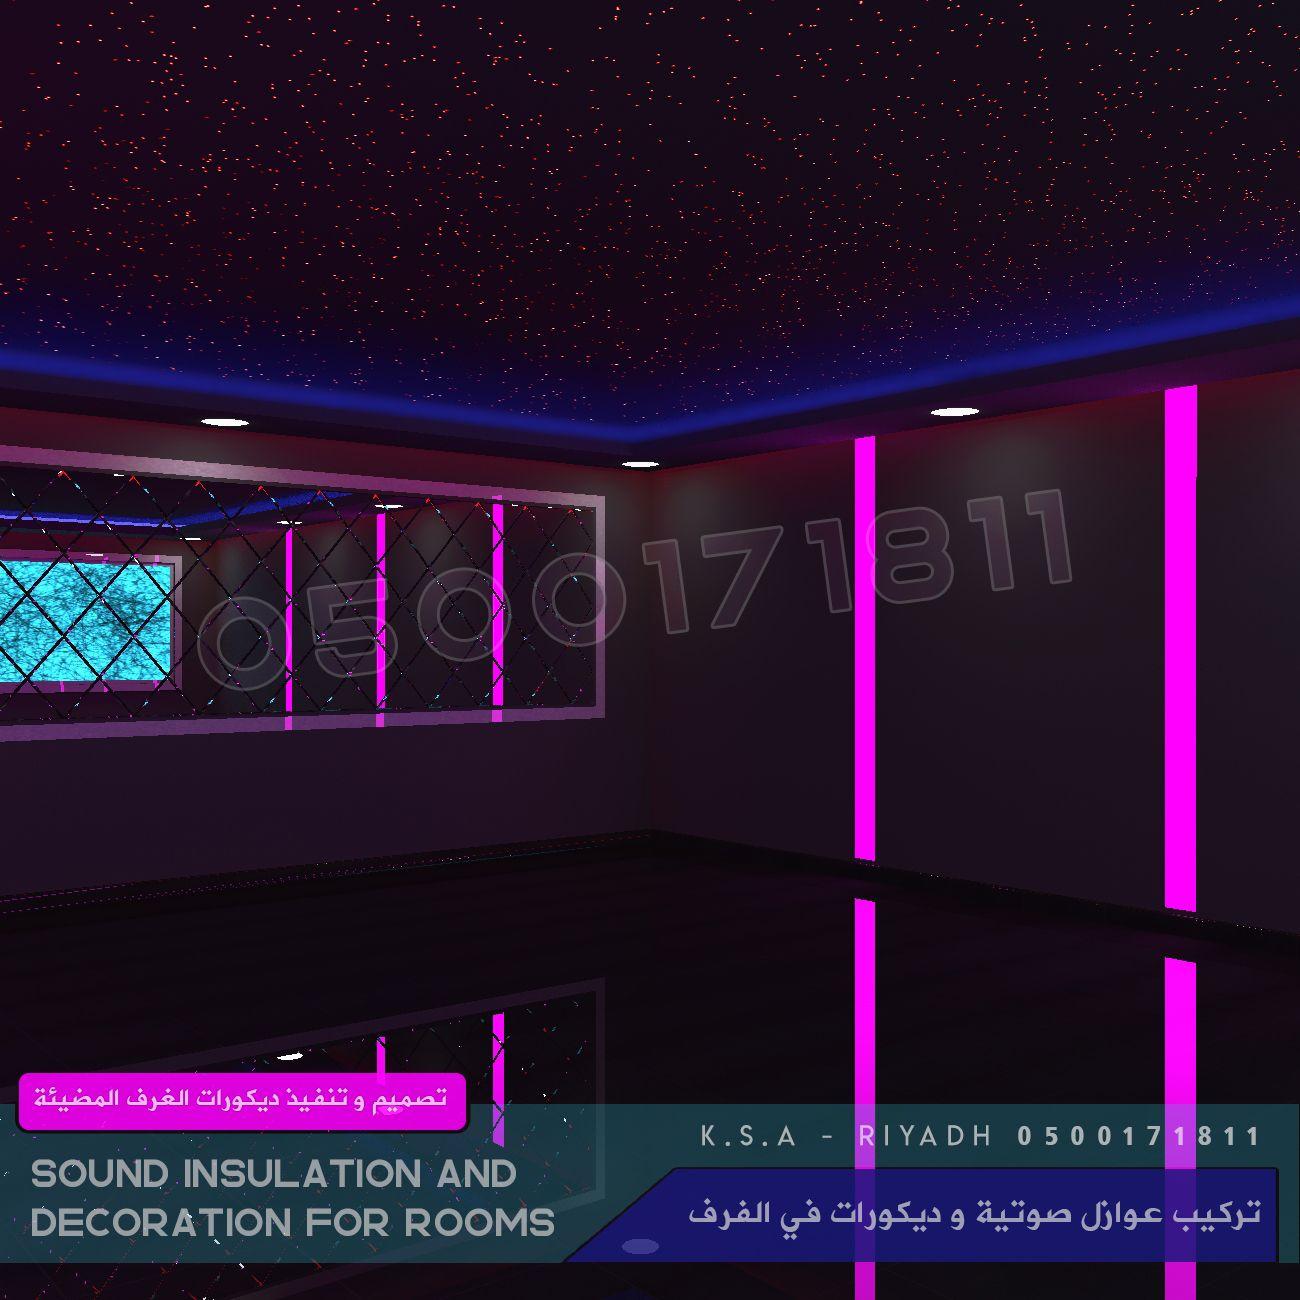 عزل صوت و ديكورات مضيئة الرياض Room Decor Alaia